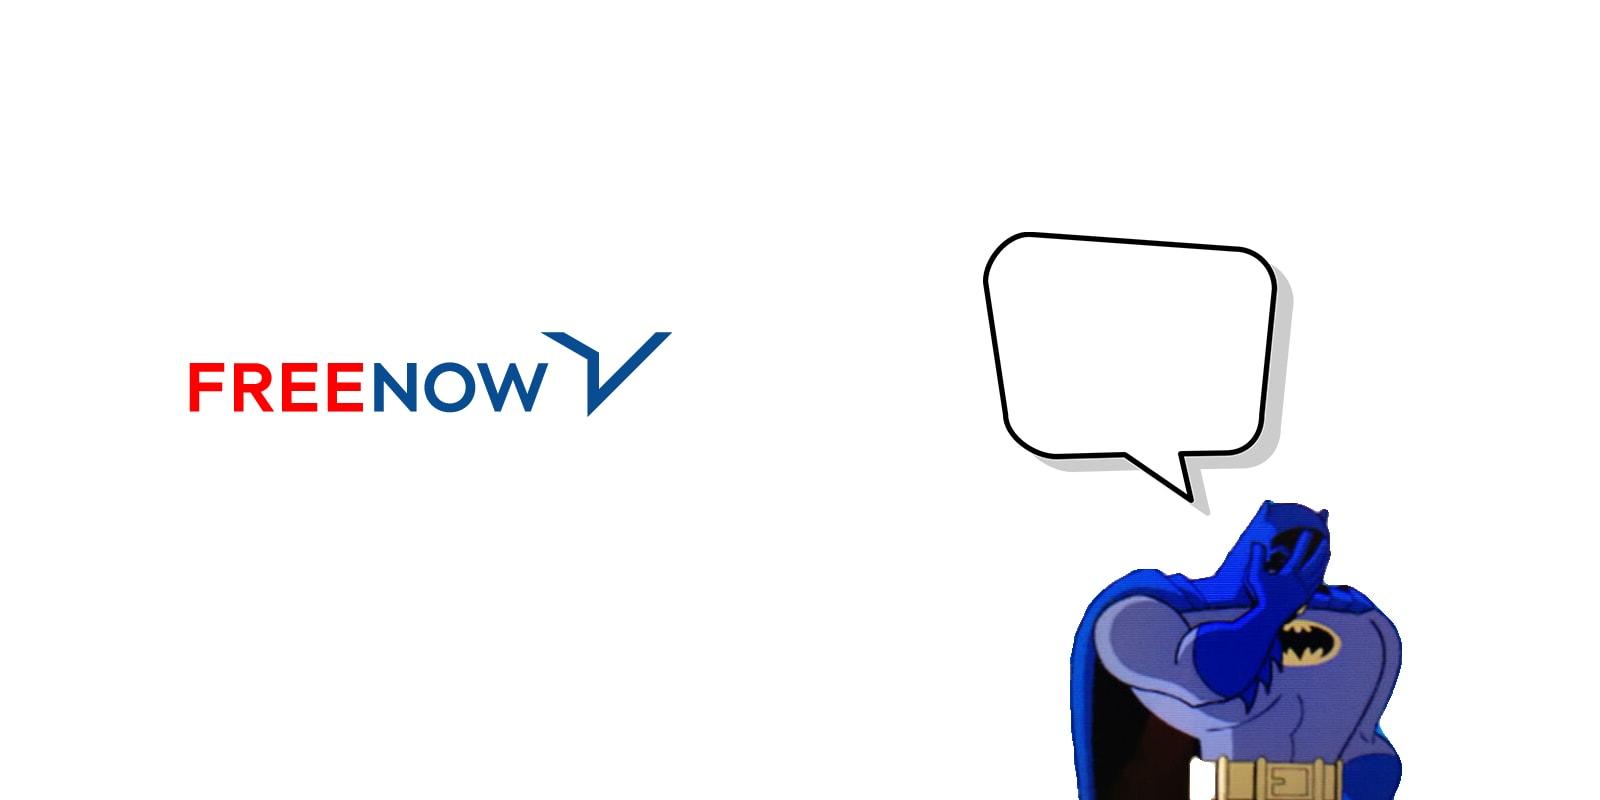 freenow zmienia logo taxi uber taxify